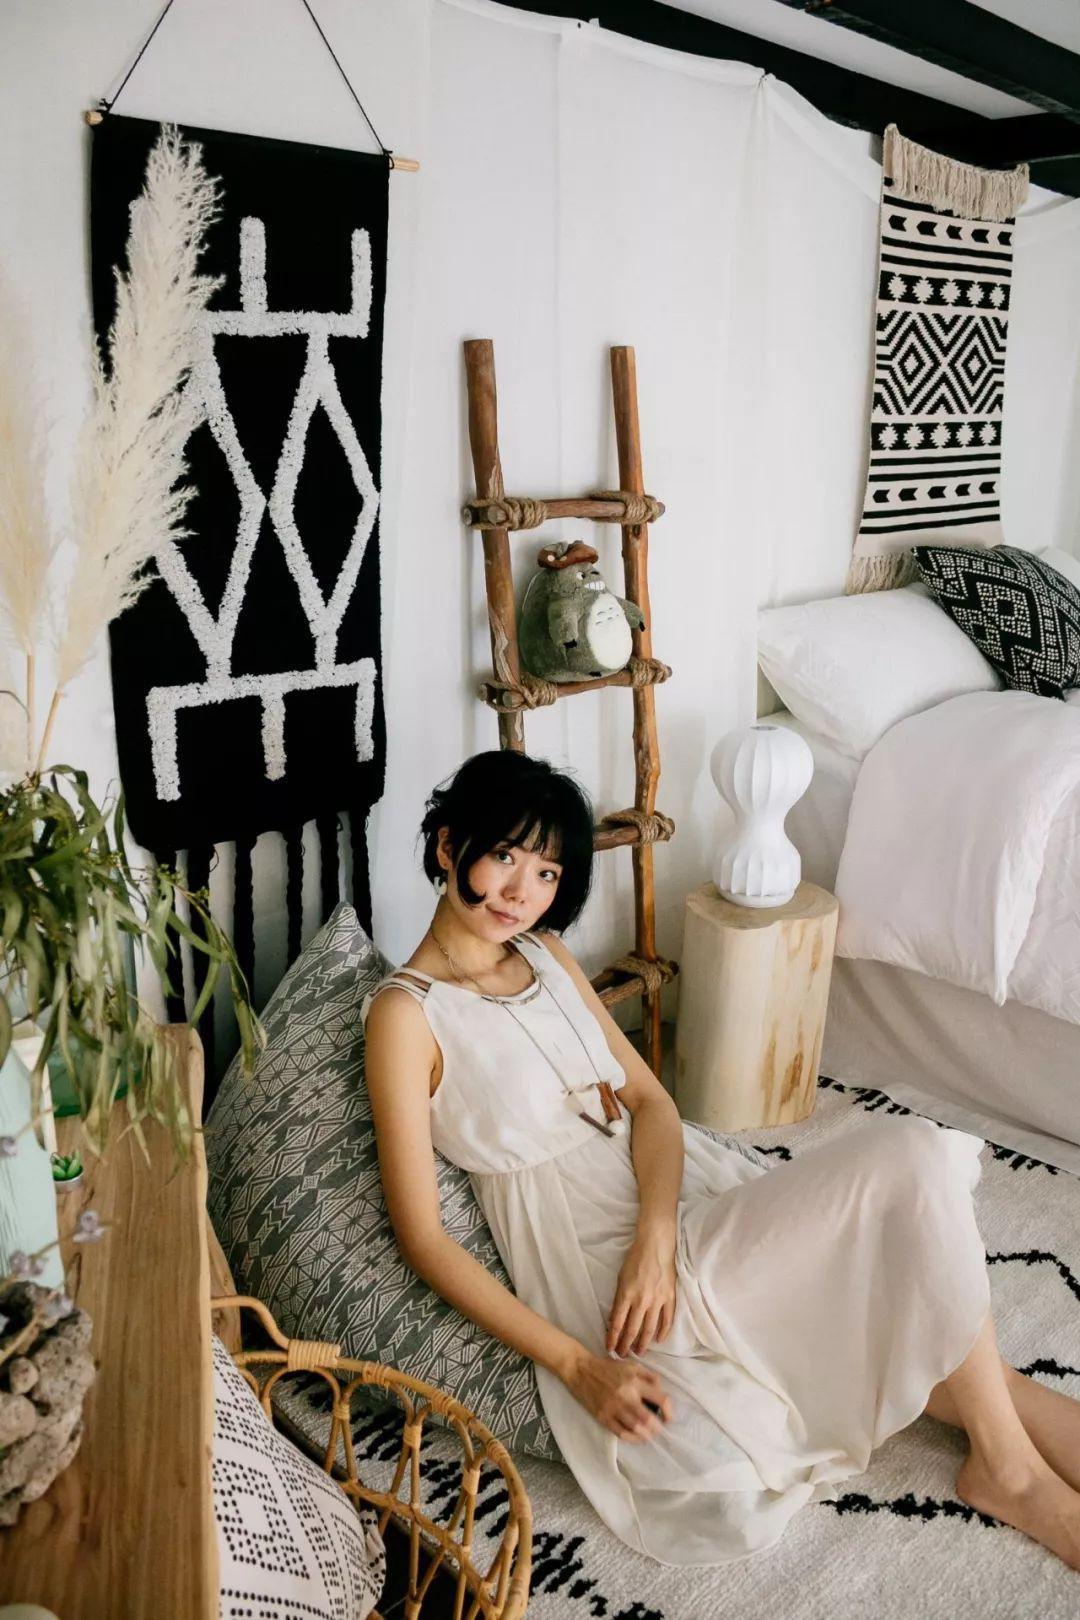 Phòng ngủ 26m2 cũ kỹ, tẻ nhạt biến thành không gian sống đáng yêu theo phong cách Maroc của cô gái trẻ - Ảnh 2.